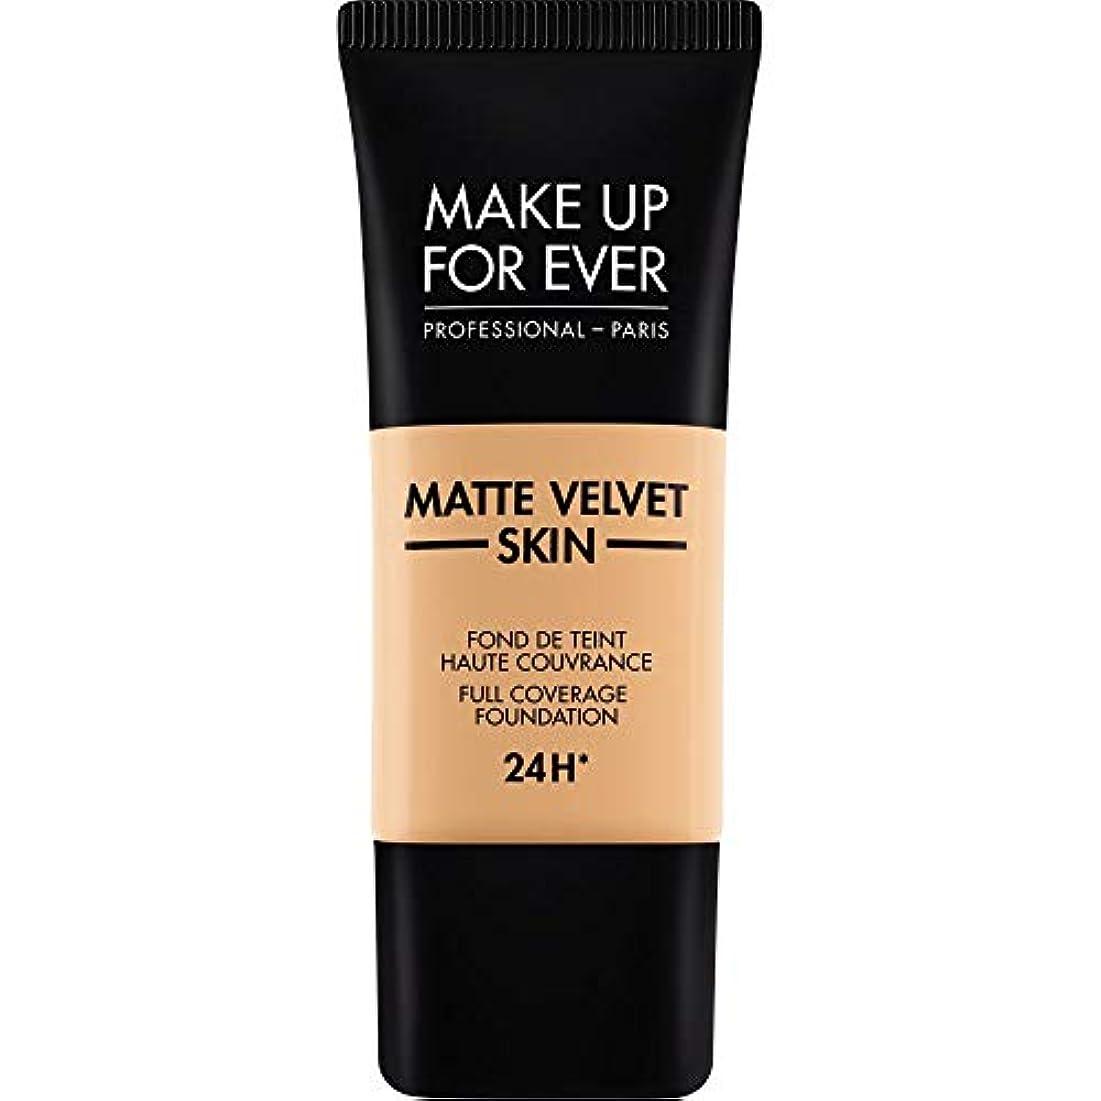 階下ライド逆さまに[MAKE UP FOR EVER] これまでマットベルベットの皮膚のフルカバレッジ基礎30ミリリットルのY315を補う - 砂 - MAKE UP FOR EVER Matte Velvet Skin Full Coverage...